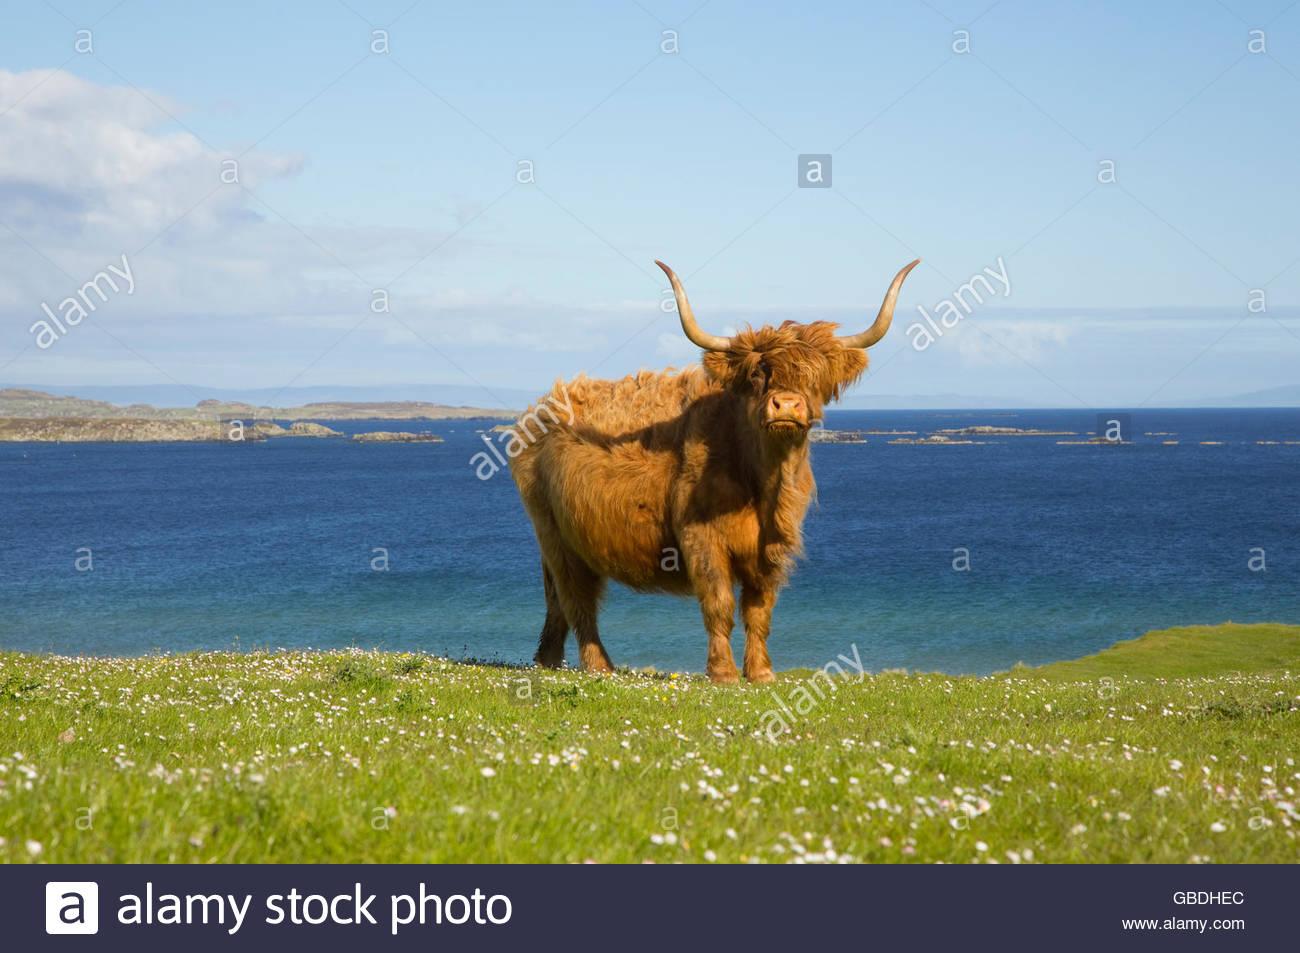 Une vache Highland près de Port Ellen sur l'île d'Islay, Hébrides intérieures, de l'Écosse. Photo Stock